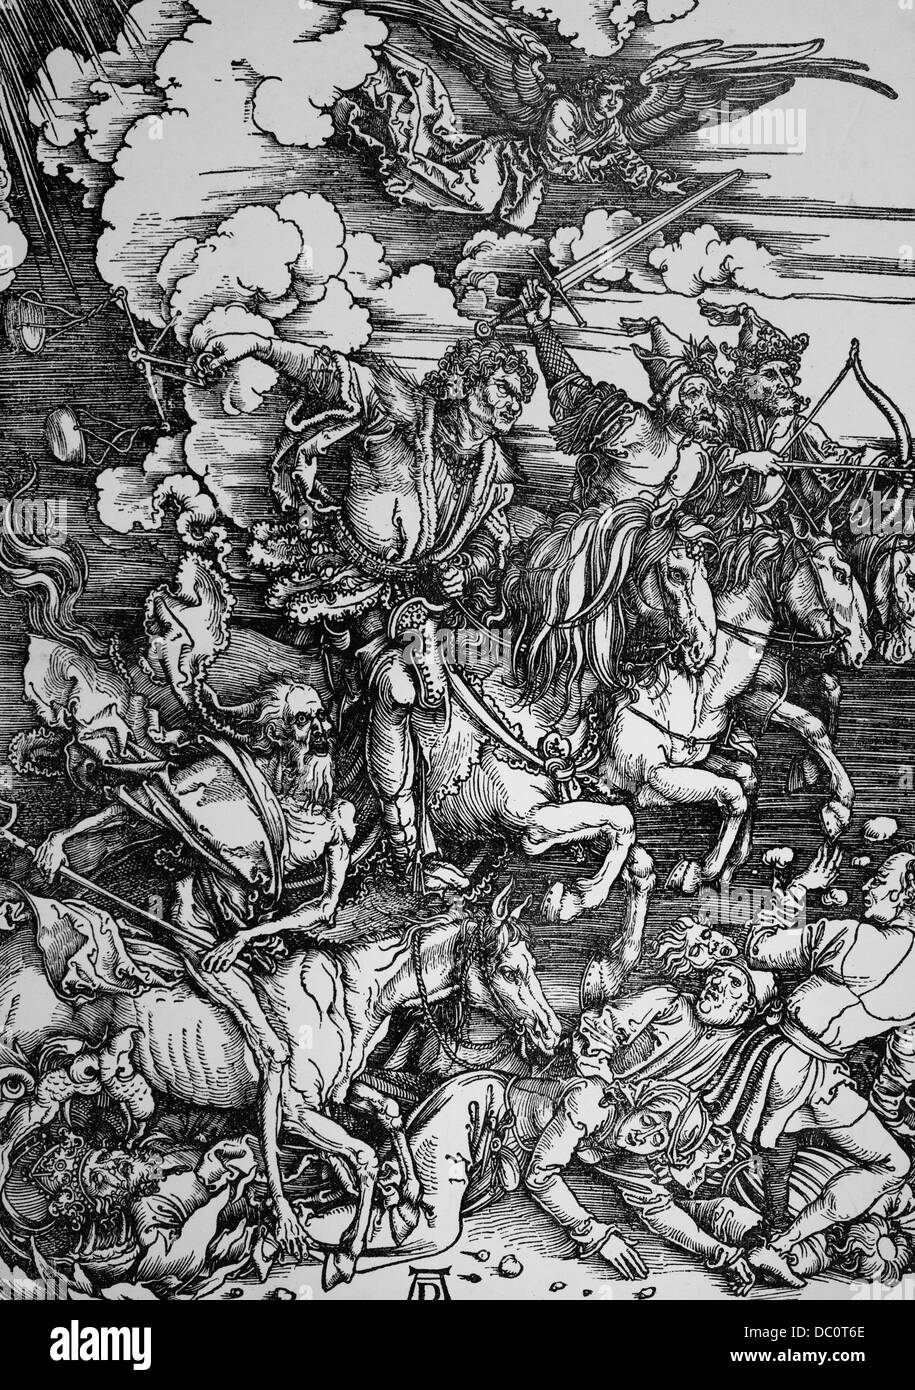 1400s FAMOUS ALBRECHT DURER WOODCUT FOUR HORSEMEN OF